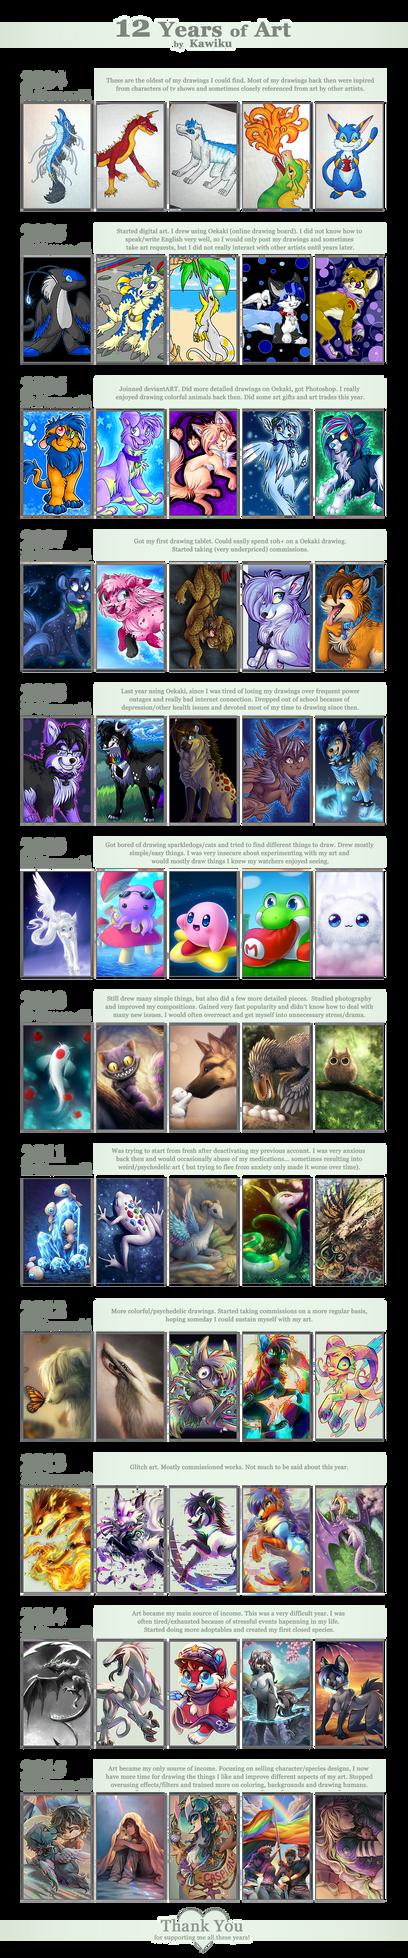 12 Years of Art by Kawiku